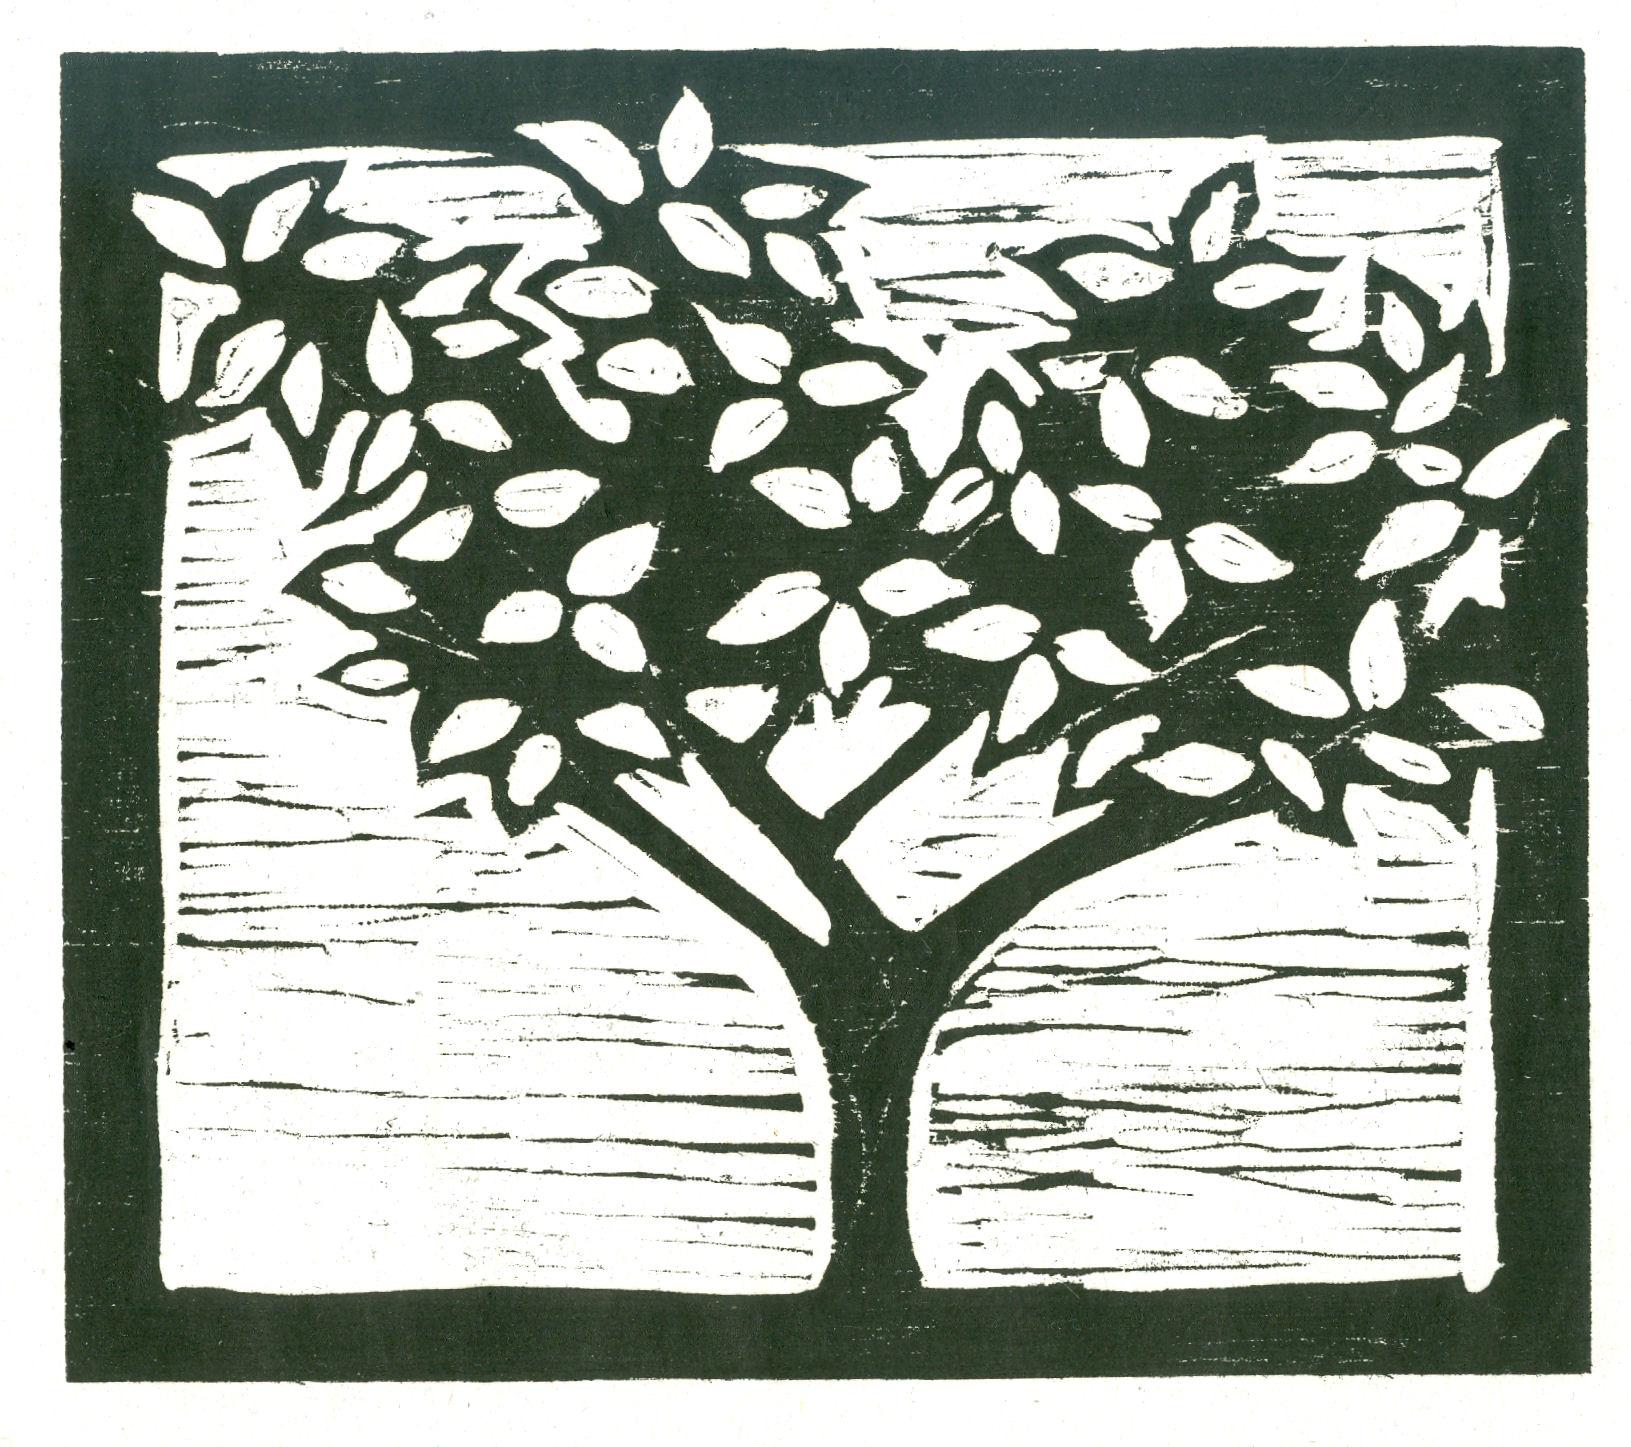 Blockprint-Tree with Leaves